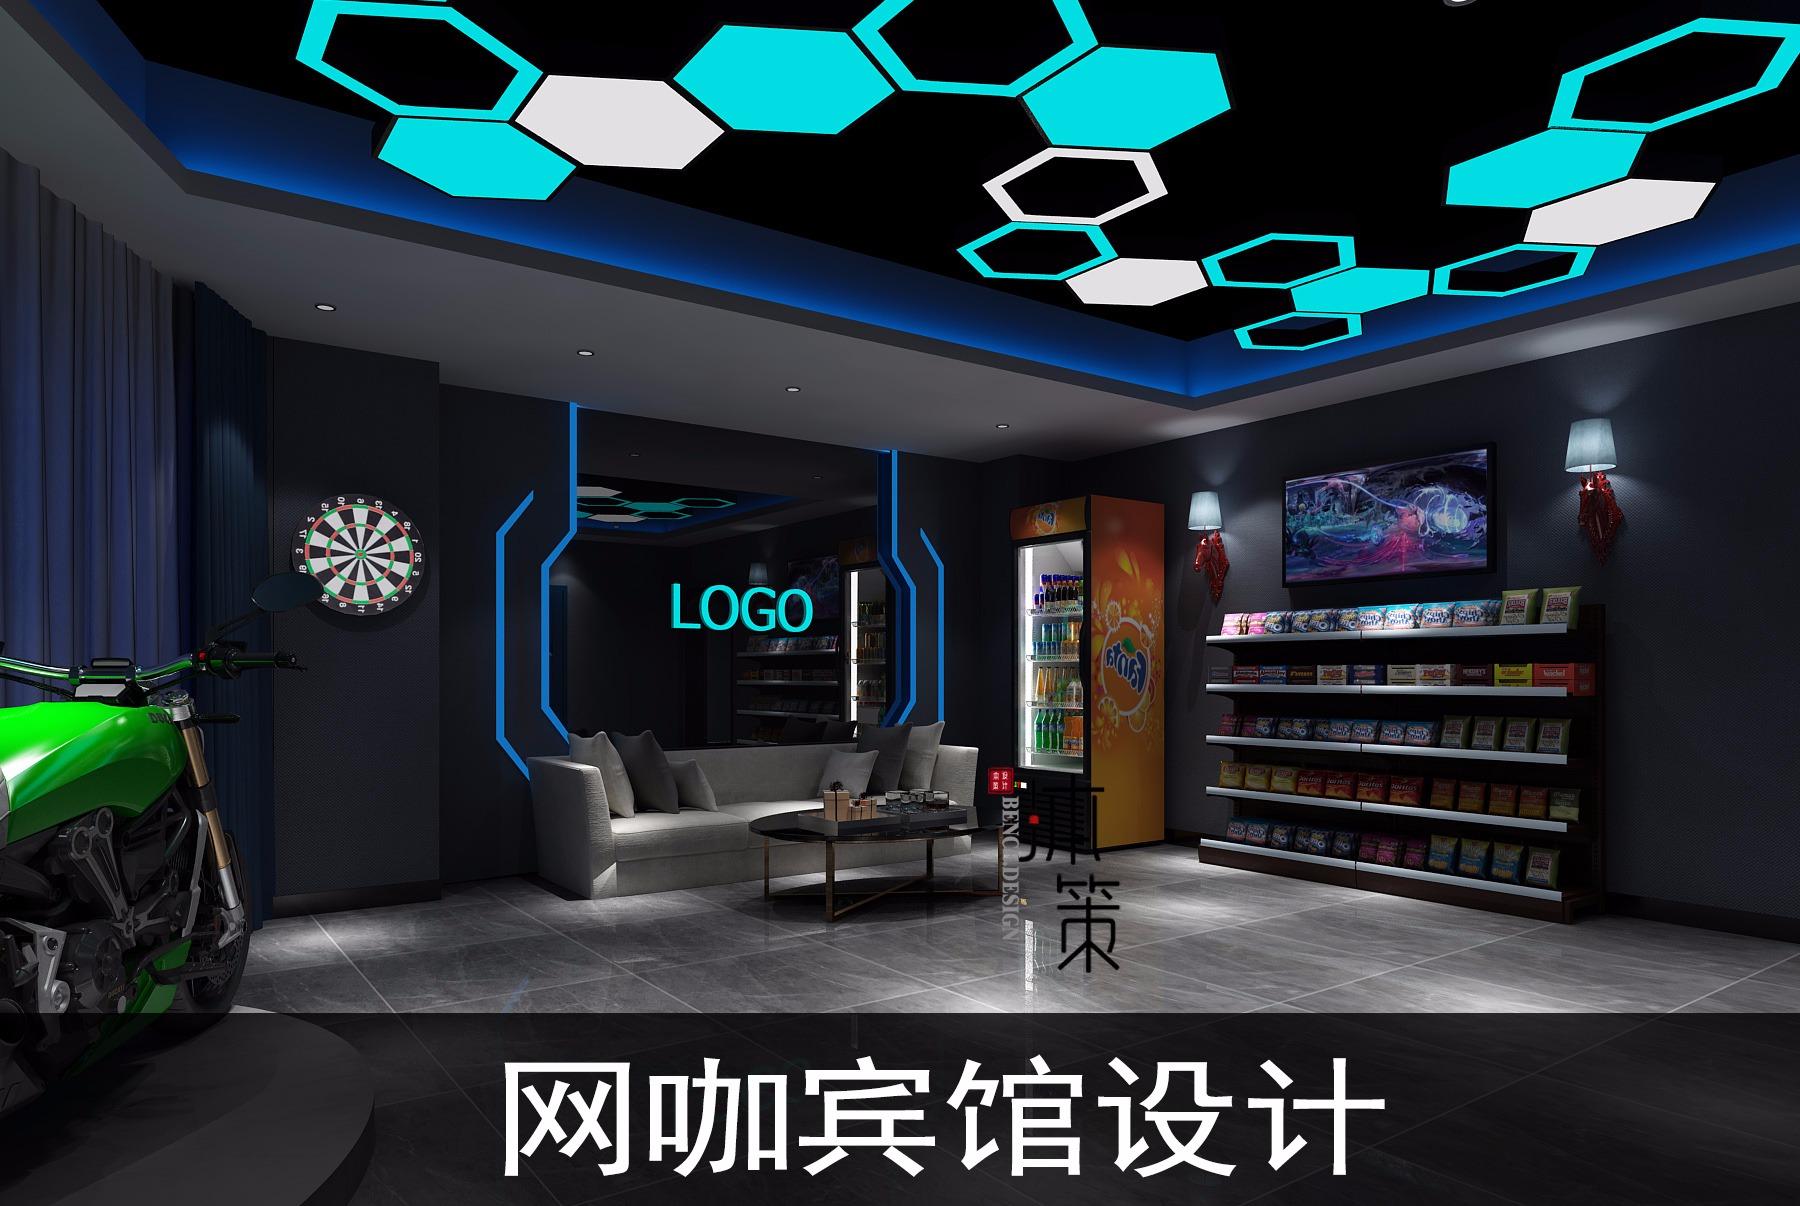 网咖公装效果图设计餐饮店门KTV门头效果图设计宾馆设计